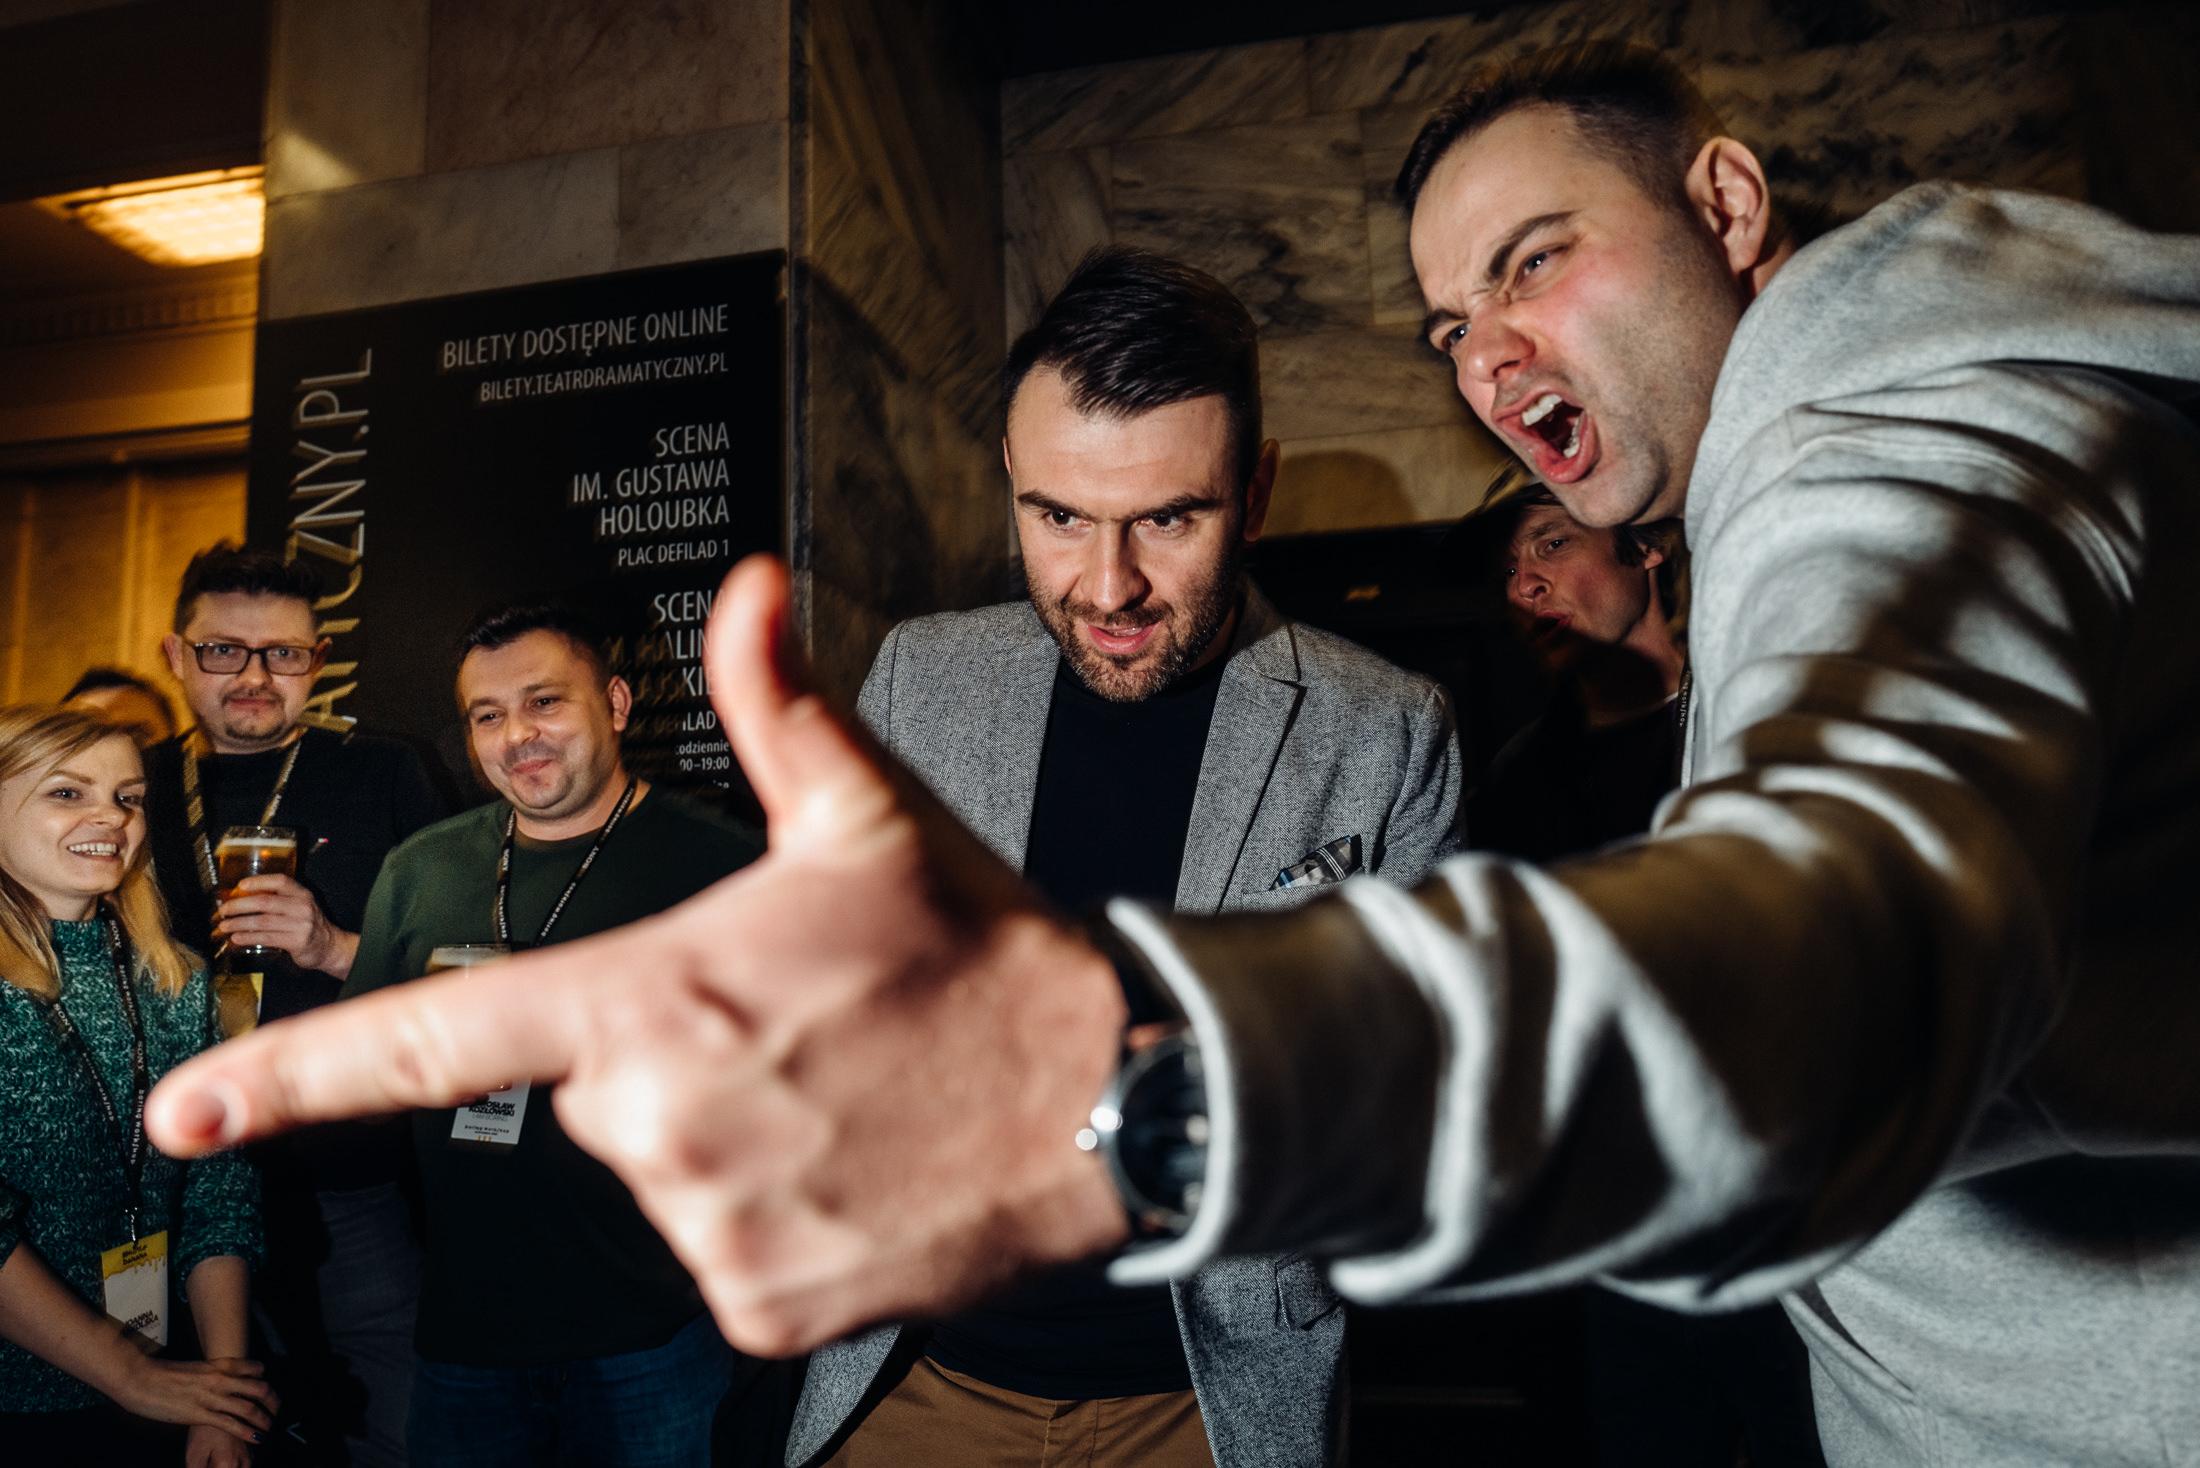 boringworkshop leicaq2 review 026 - 14.03 | STORYTELLING | NAJWIĘKSZE KŁAMSTWO BRANŻY ŚLUBNEJ